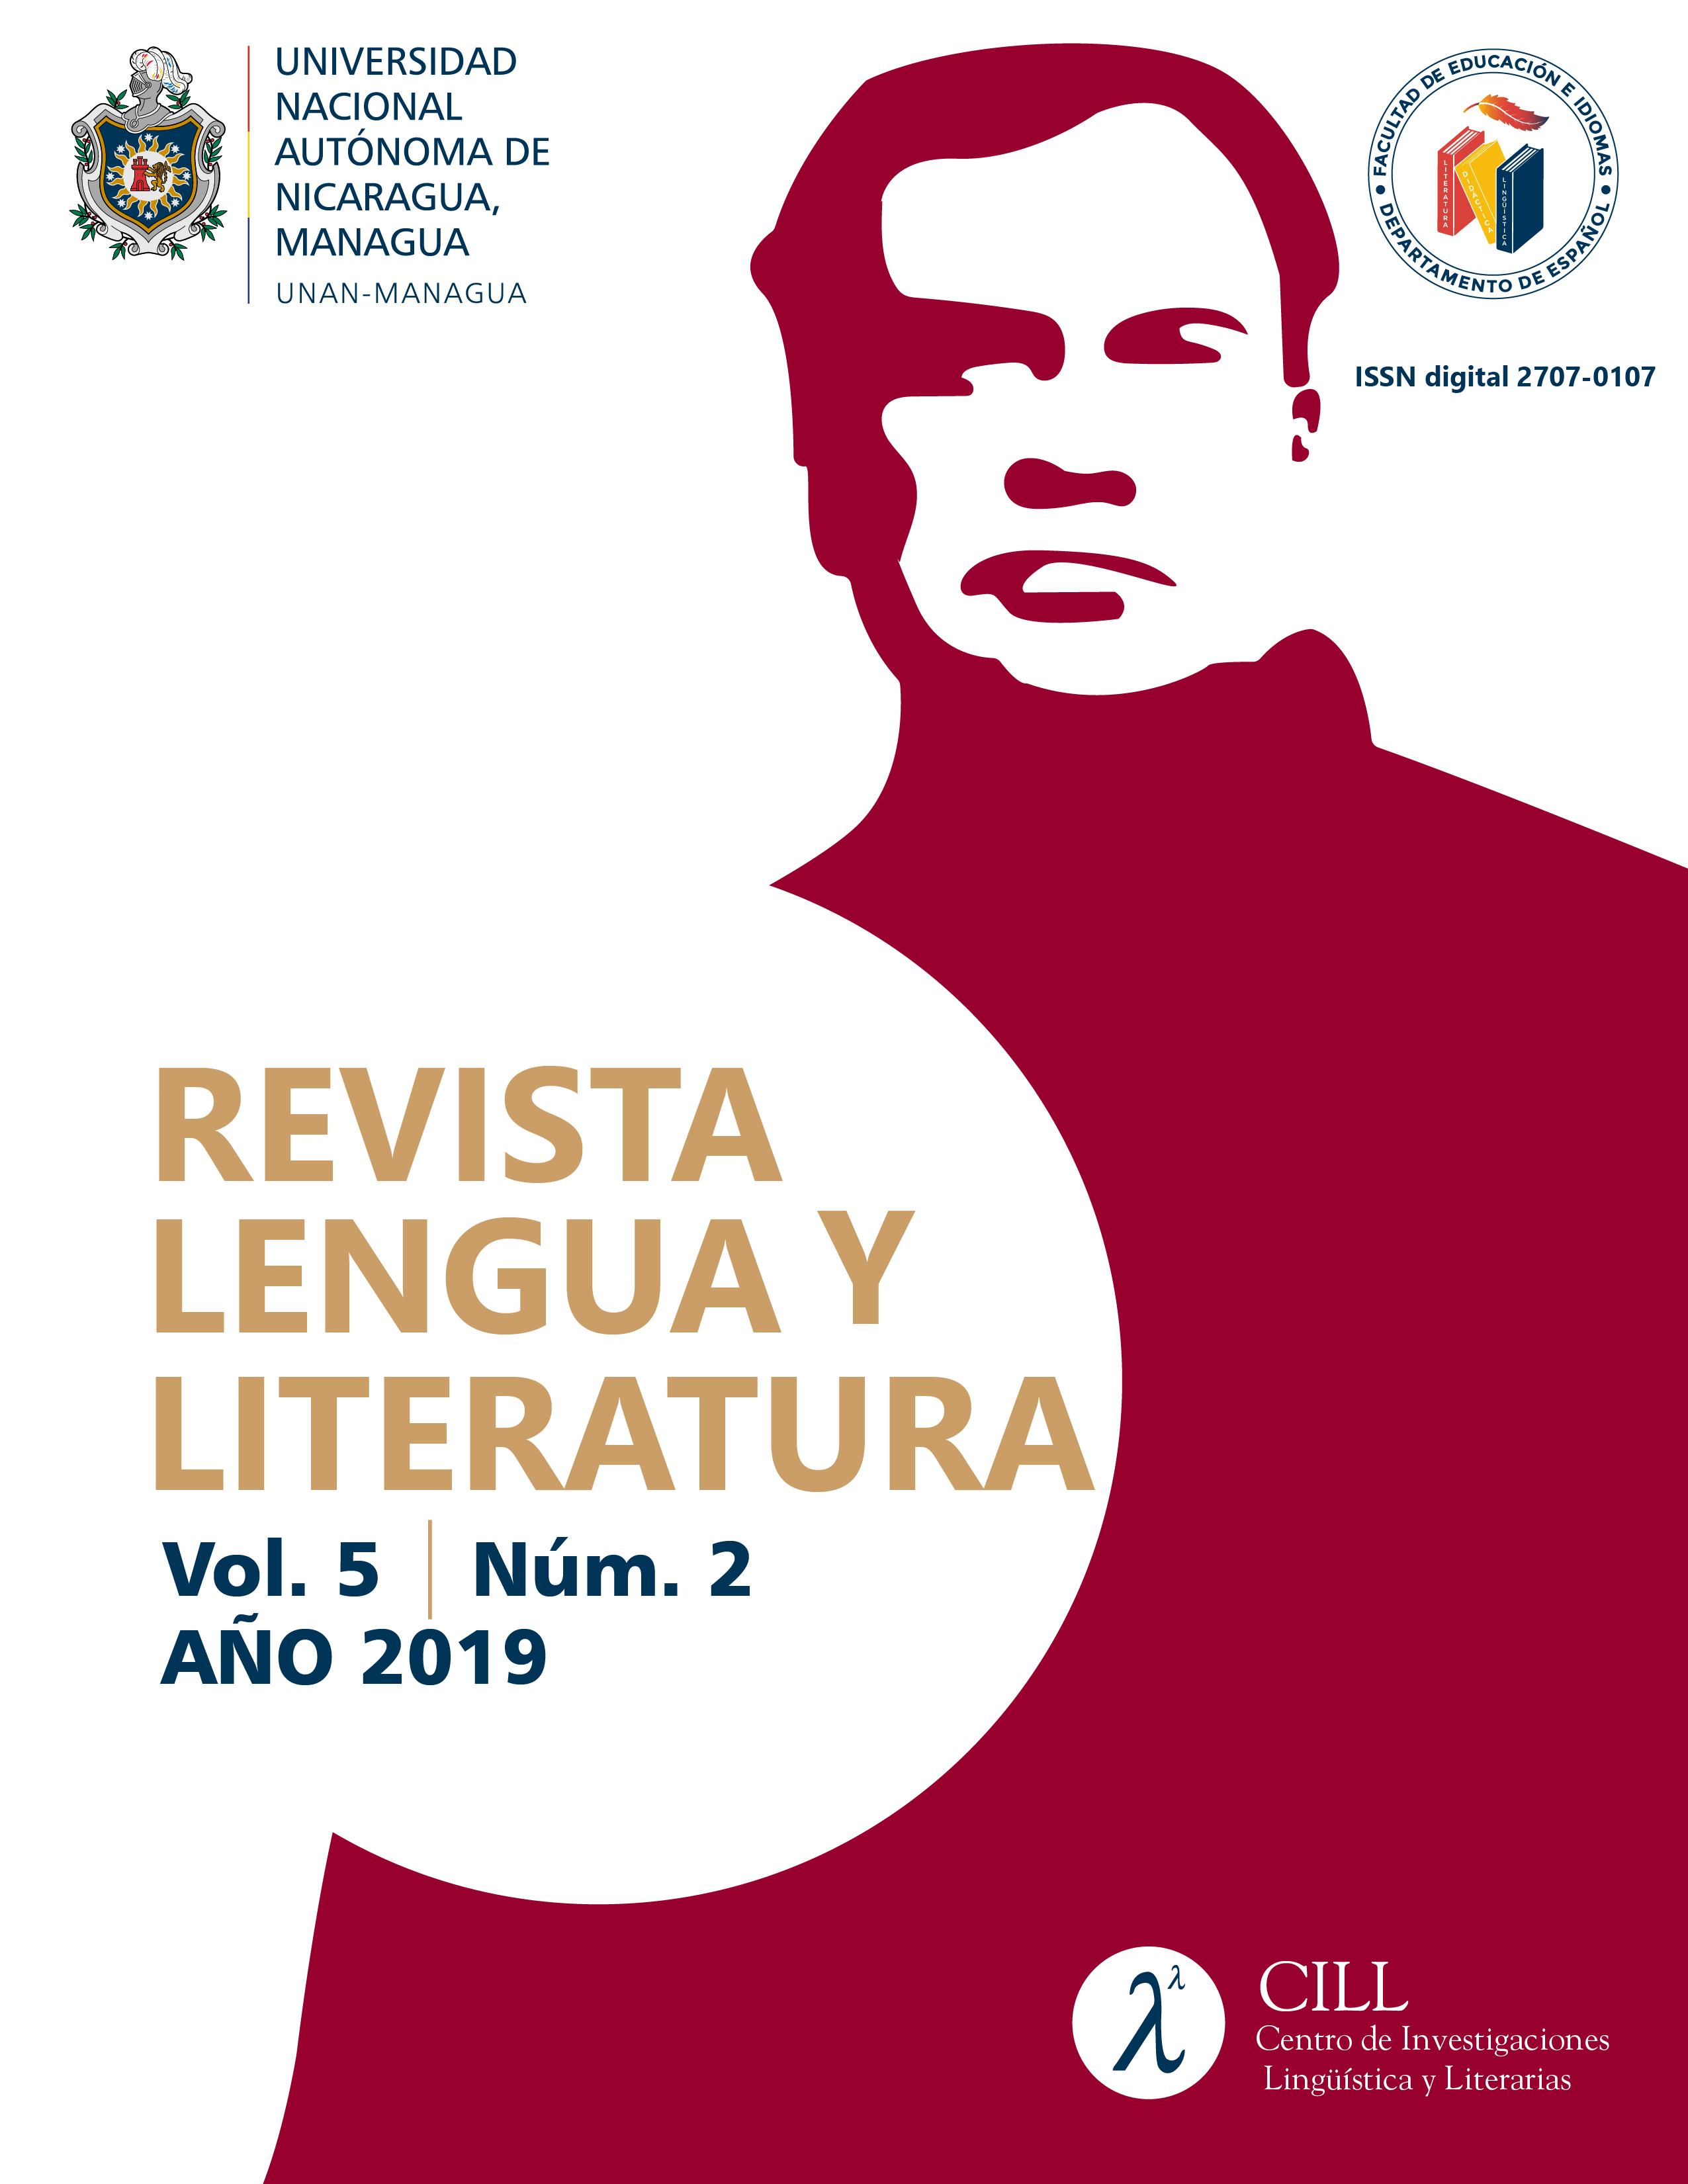 Ver Vol. 5 Núm. 2 (2019)